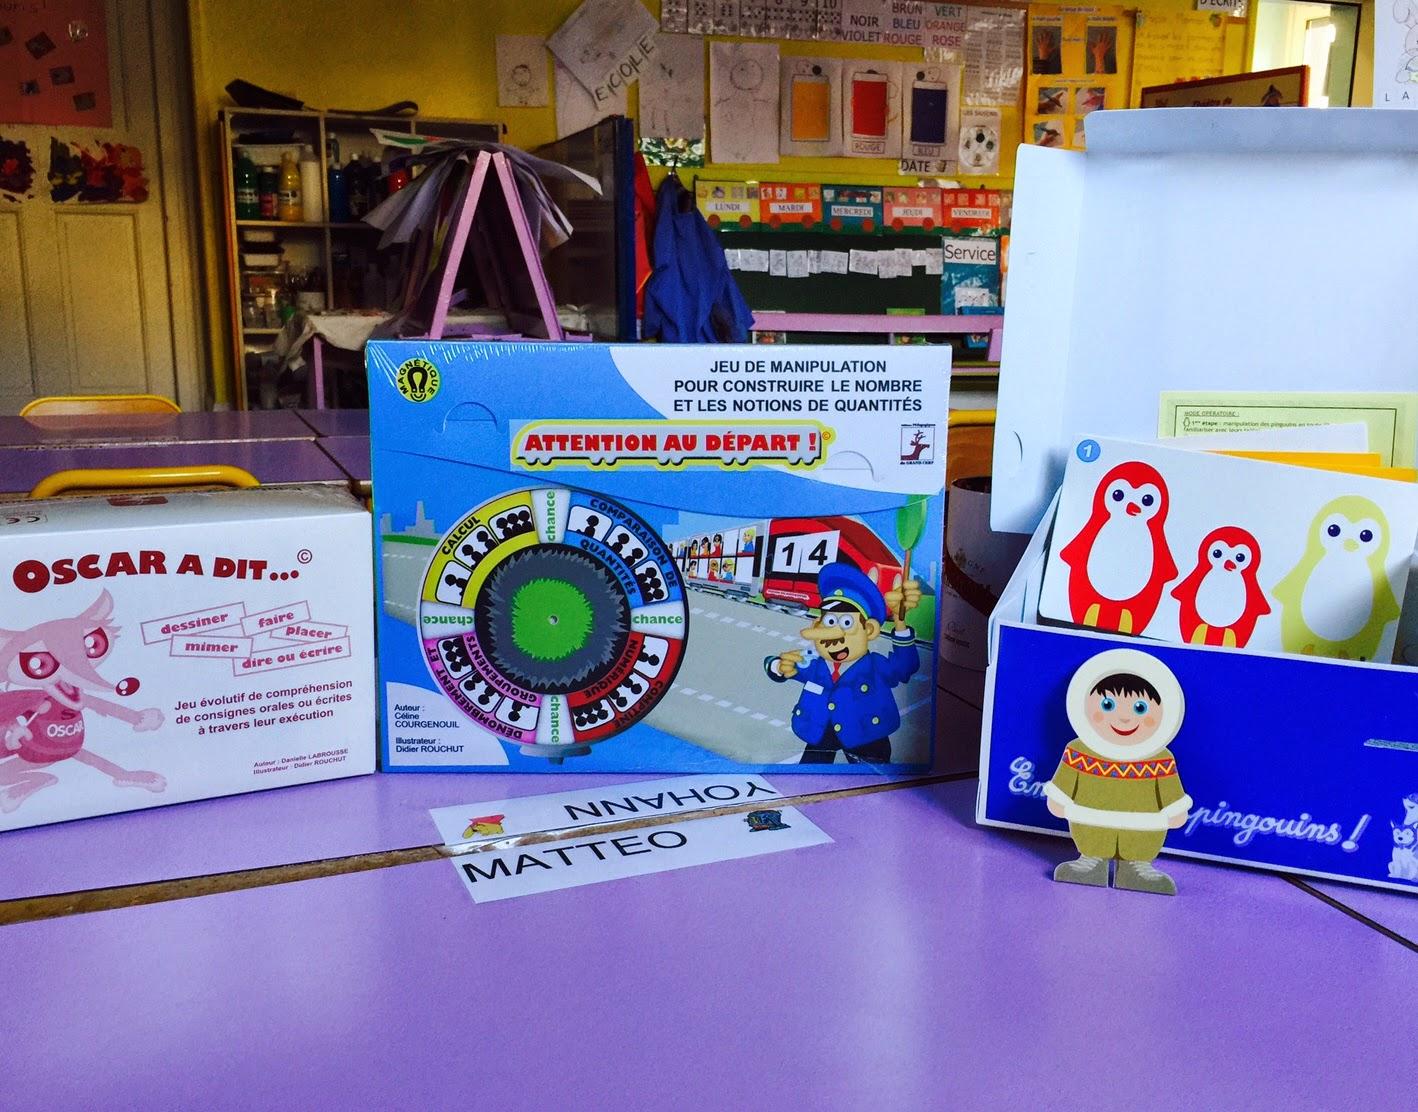 Mulhouse Maternelle Montavont: Nouveaux Jeux Pédagogiques à Jeux Pedagogique Maternelle